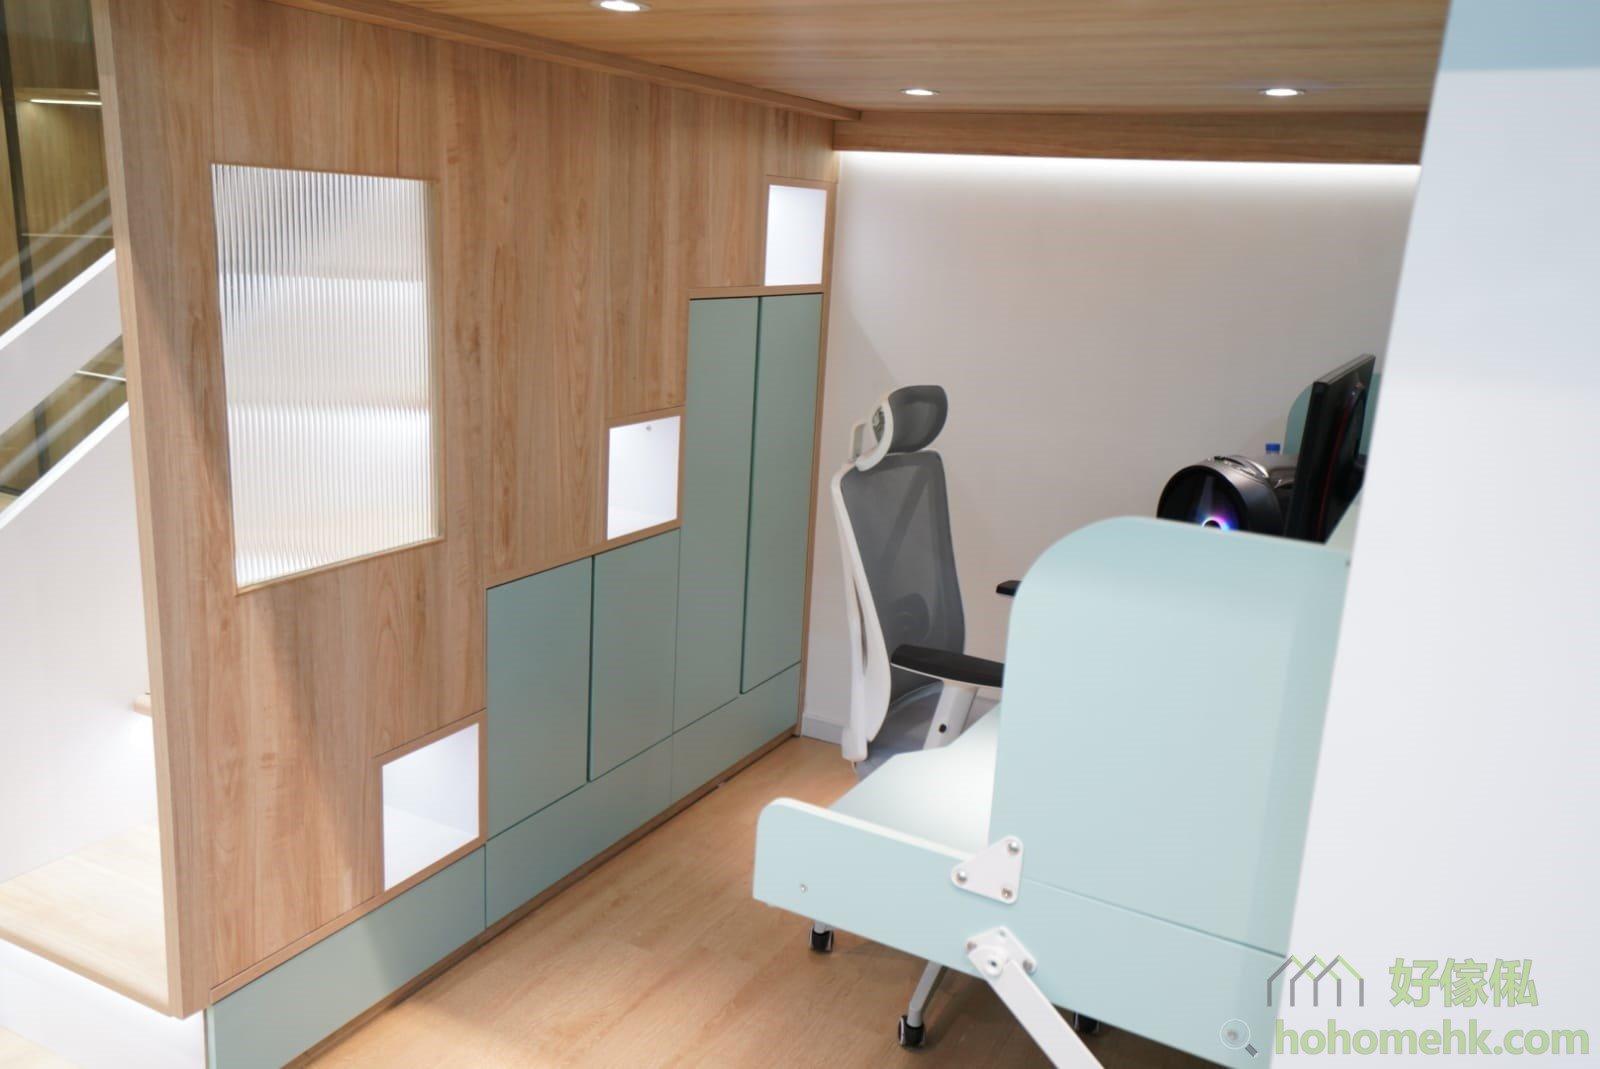 屋仔床看點:長虹玻璃、樓梯儲物櫃、開放式層格、衣櫃、櫃桶、樓板射燈